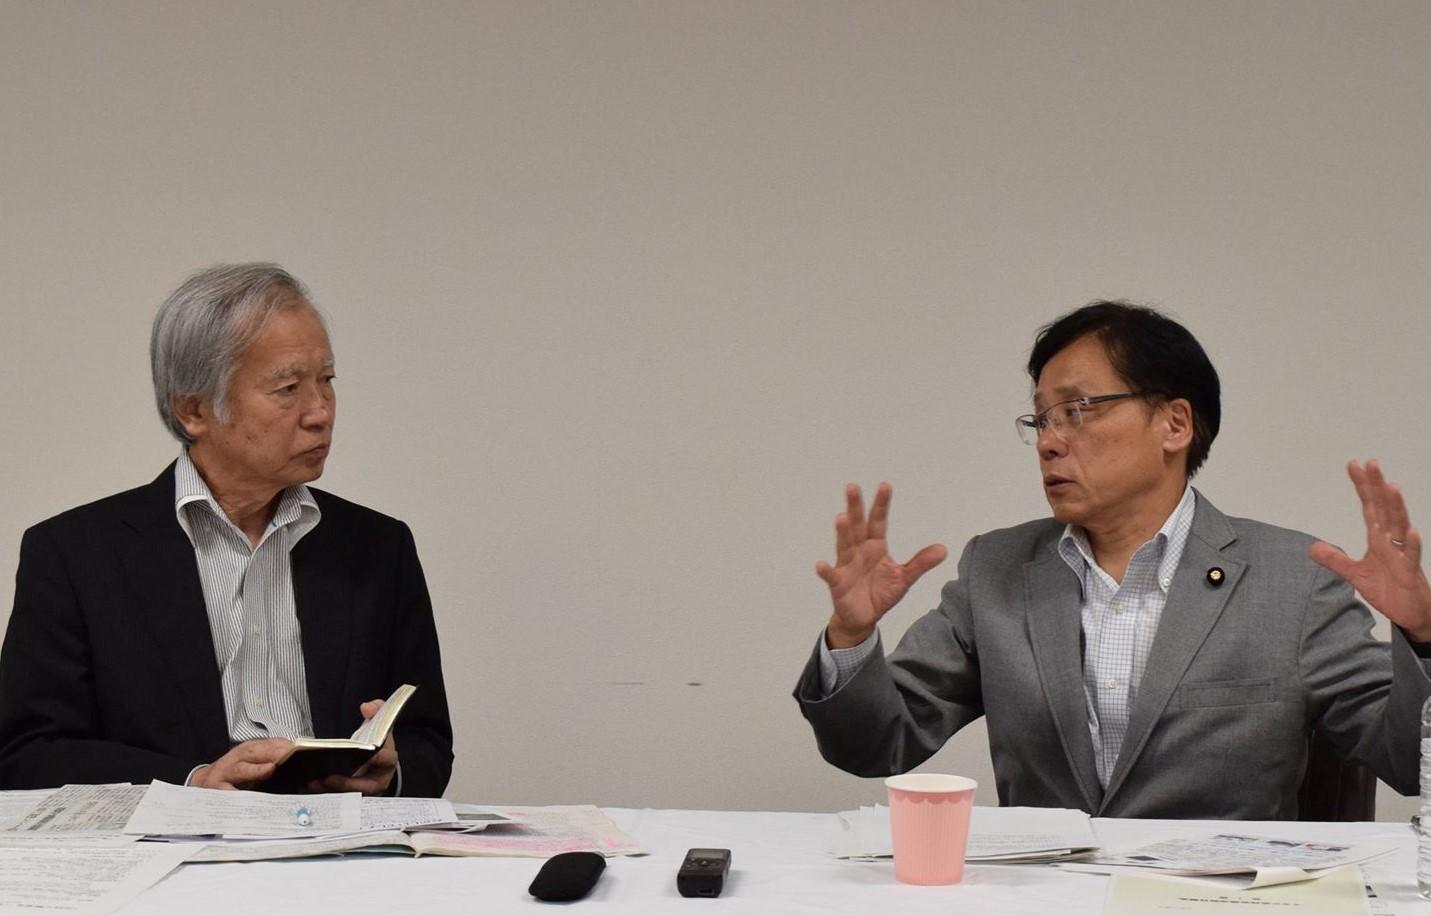 http://www.inoue-satoshi.com/diary/%E6%B1%A0%E4%BD%8F%E5%AF%BE%E8%AB%87.jpg